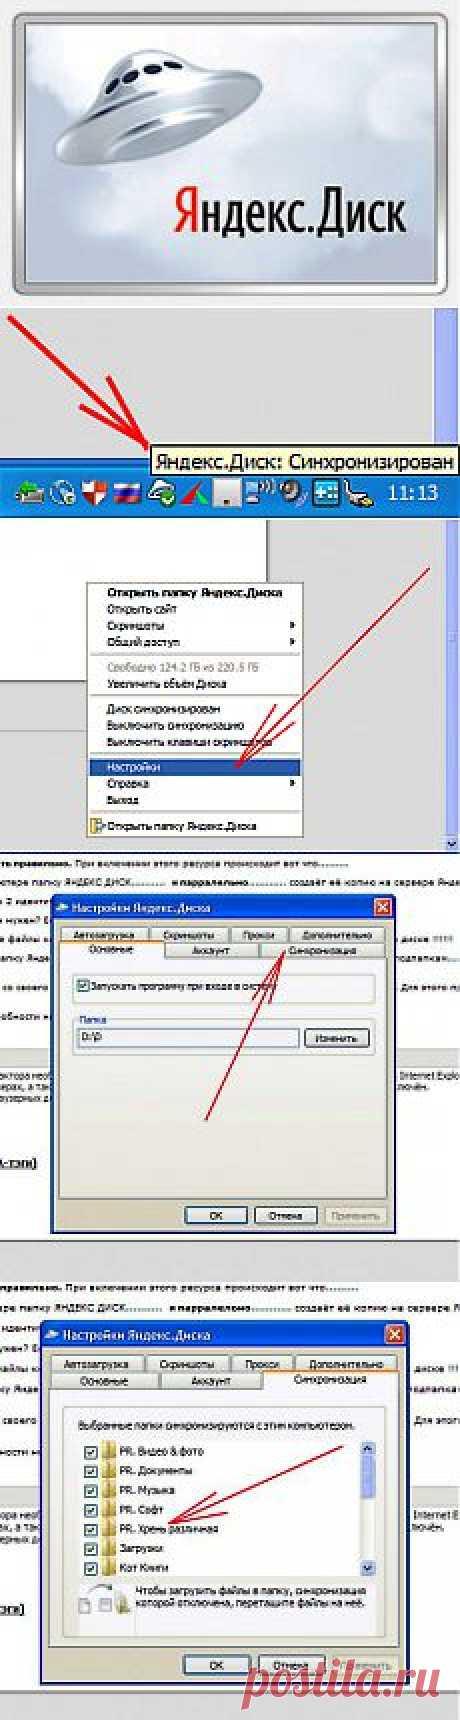 Как пользоватся Диском от Яндекса. | SOS.MirTesen.ru